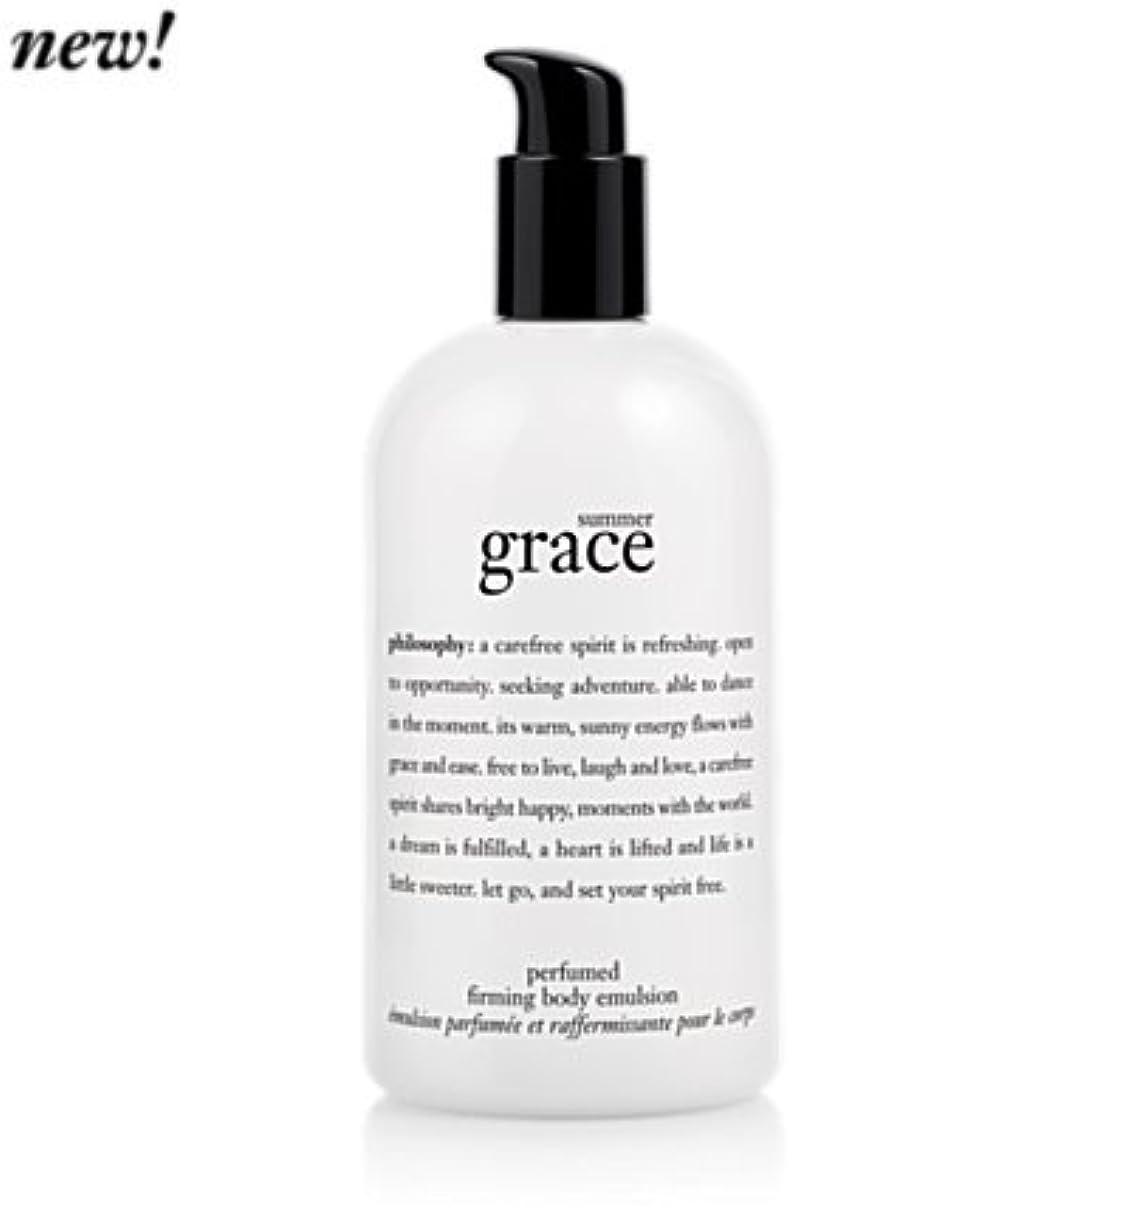 過言バンク余裕がある'summer grace (サマーグレイス) 16.0 oz (480ml) perfumed firming body emulsion for Women